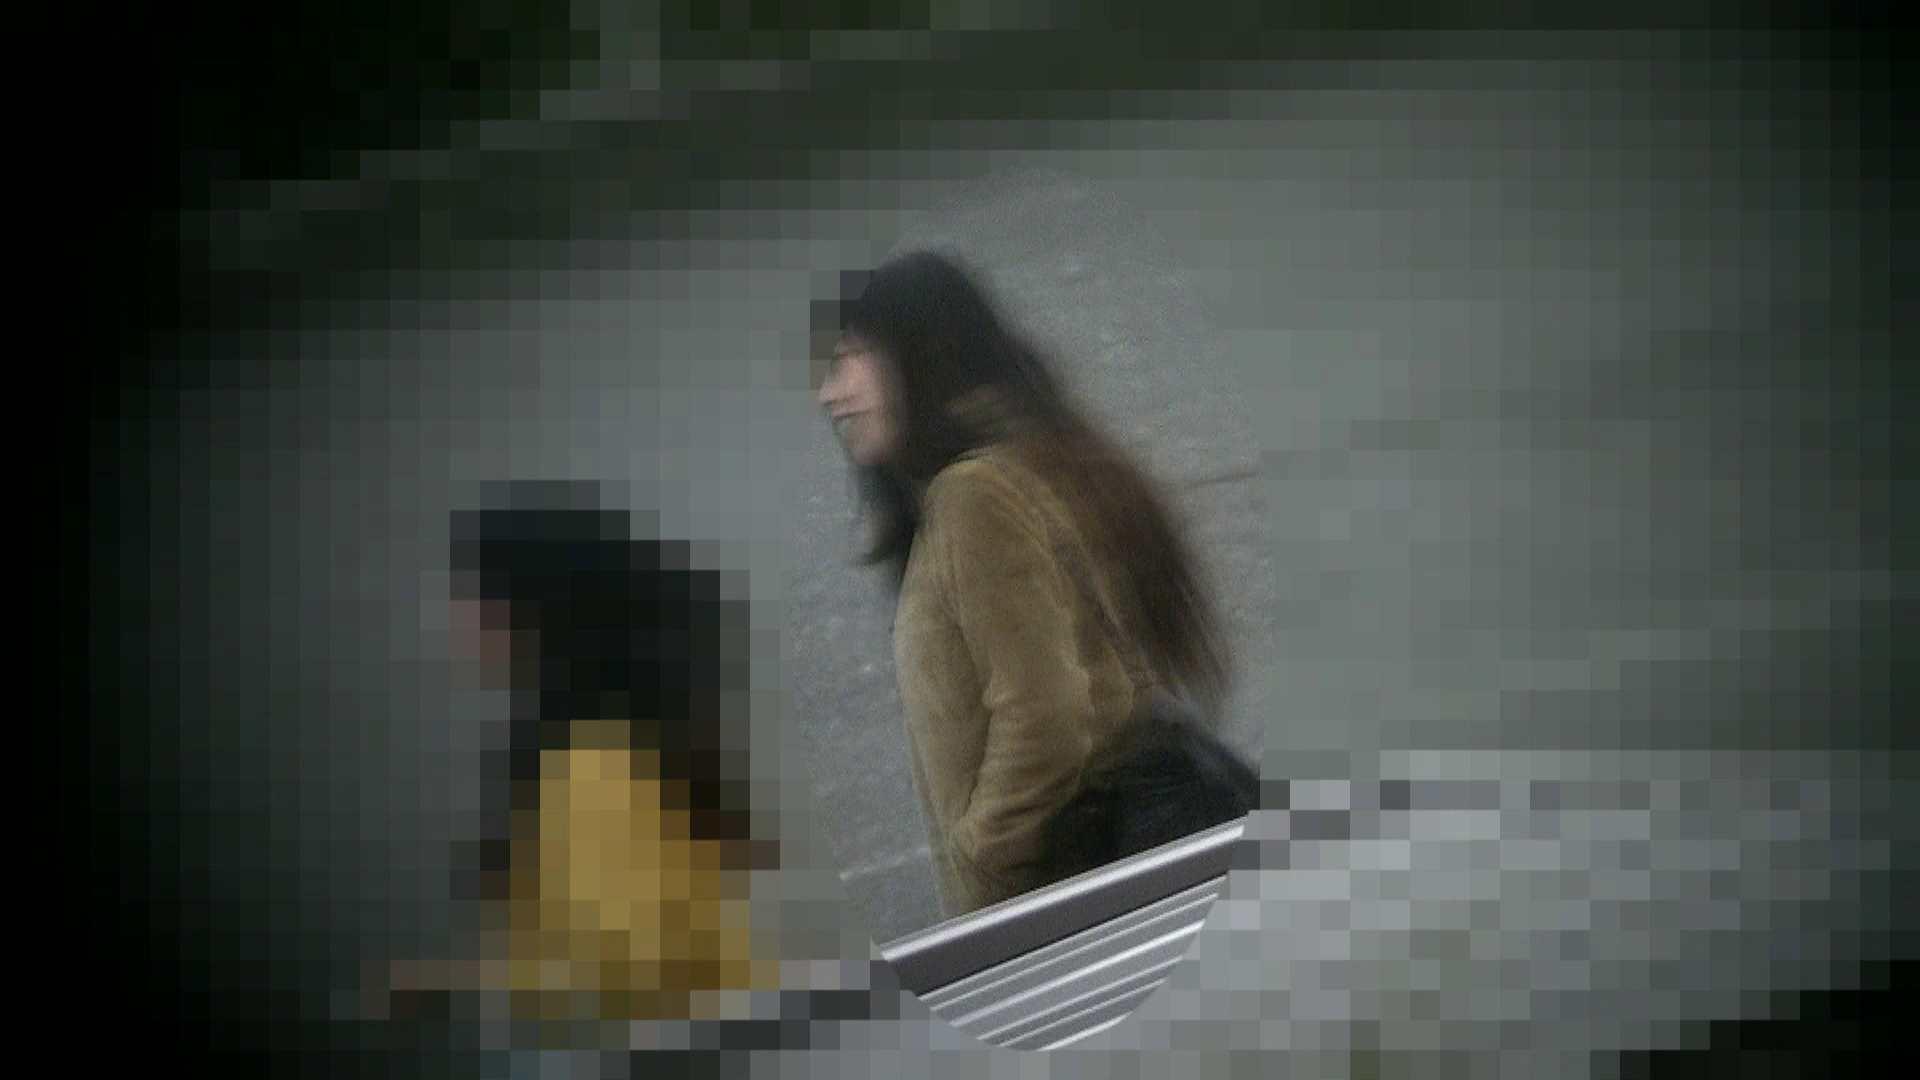 高画質露天女風呂観察 vol.006 OLのエロ生活 隠し撮りオマンコ動画紹介 60連発 16